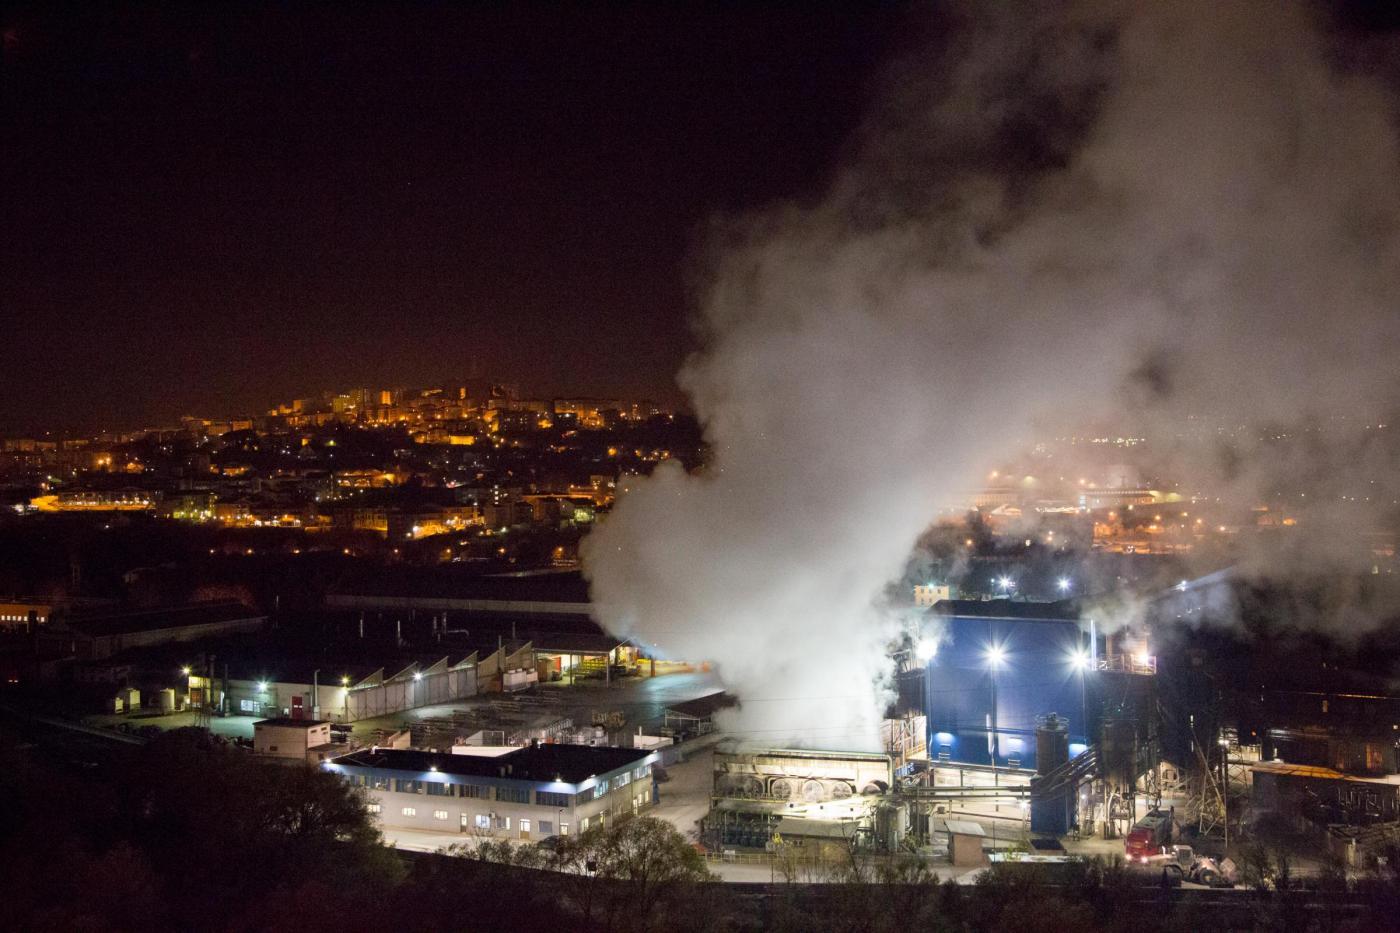 Emissioni di CO2 in Italia: i gas serra delle aziende in forte calo nel 2013